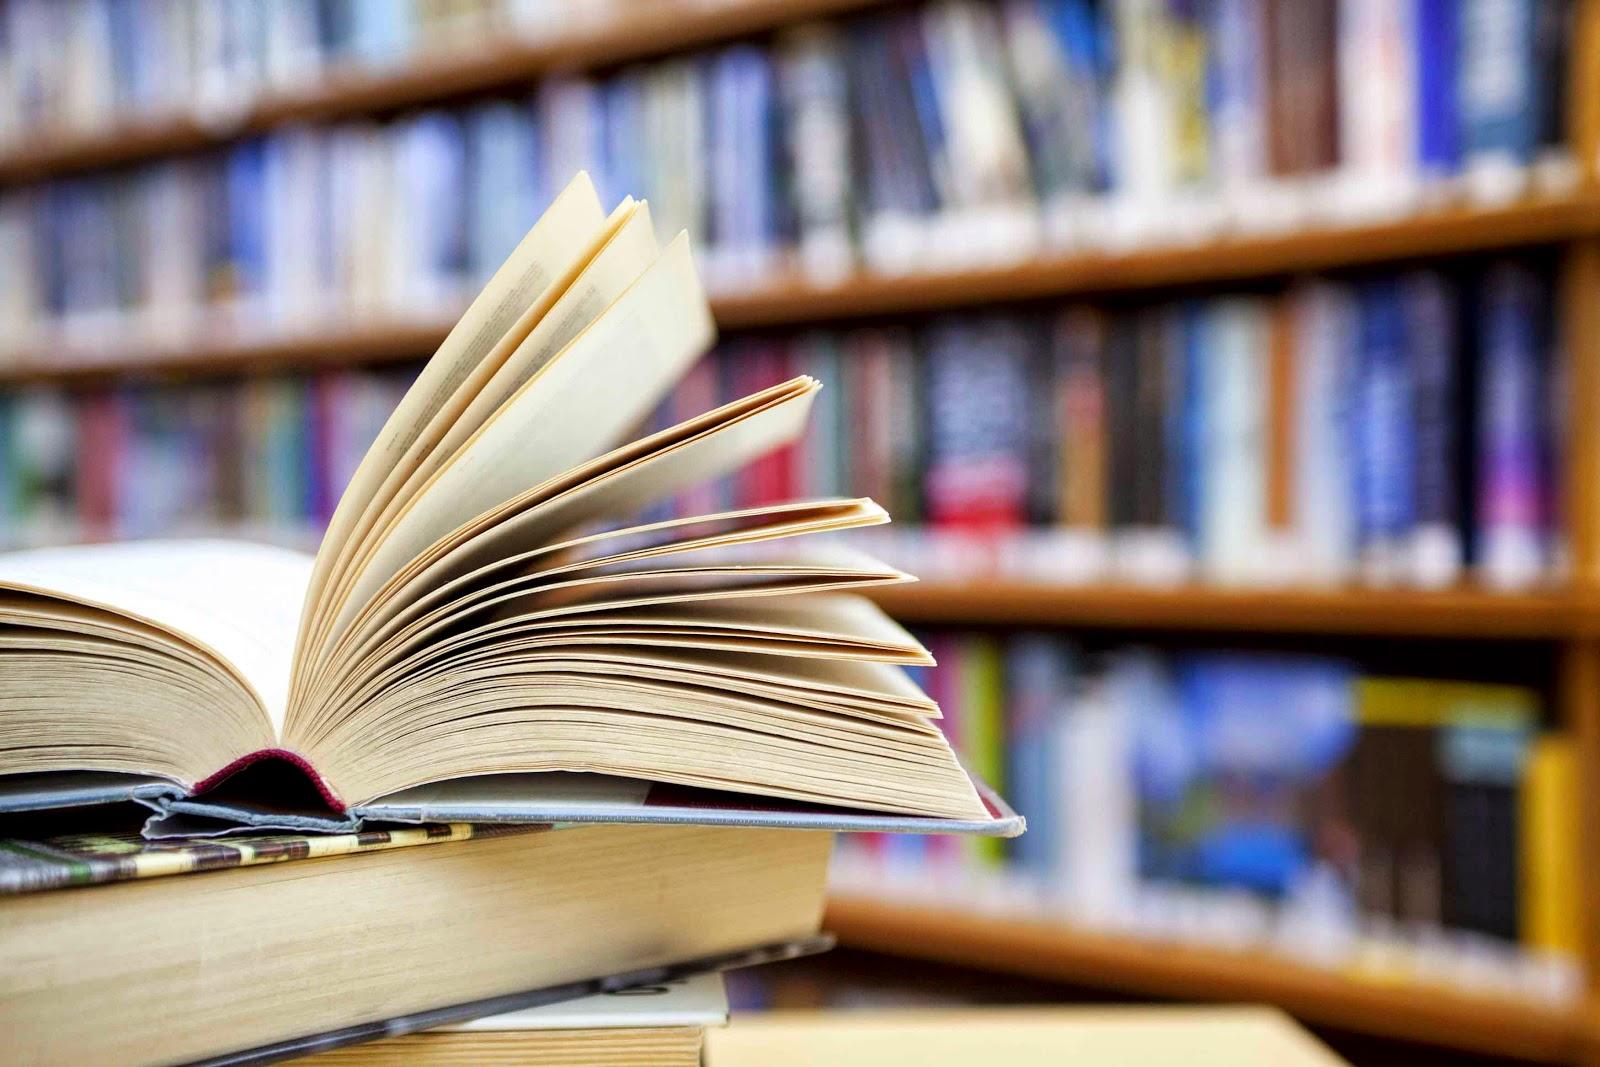 Estudantes capixabas tem melhor desempenho do país em pesquisa (Foto: Divulgação)